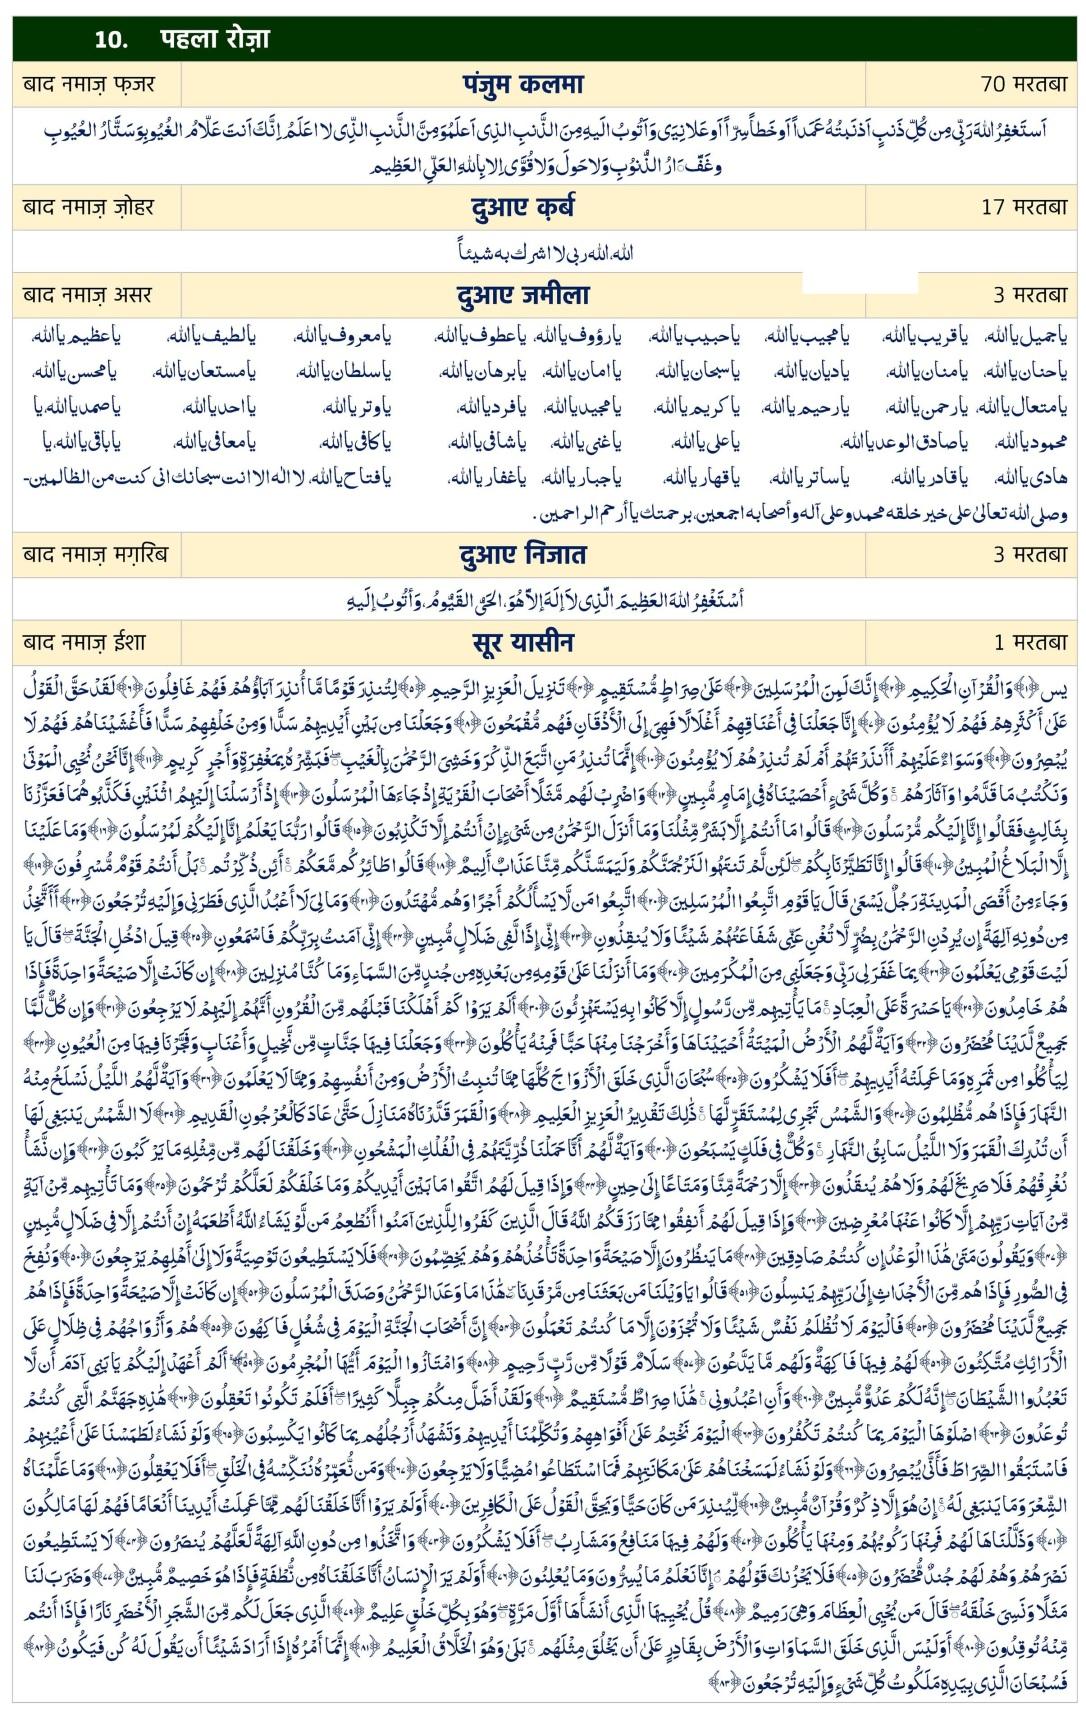 30-Roza-Wazaif-10